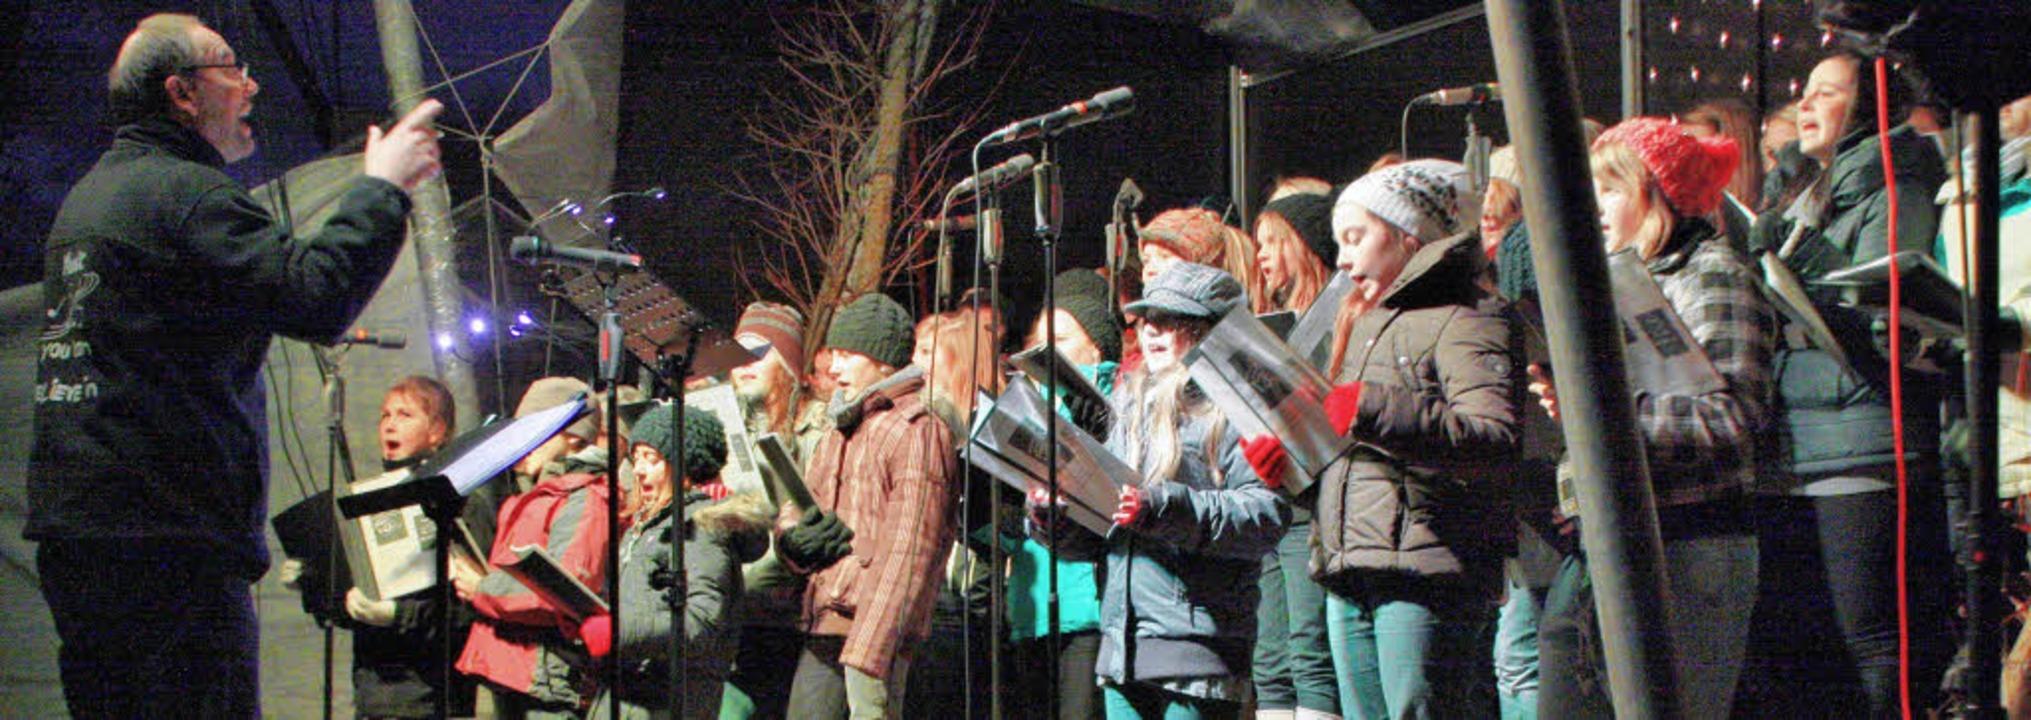 Trotz der Kälte bescherten die Mädchen...nz besonderes Konzert im Vacono-Dome.     Foto: Hannah Klusmann